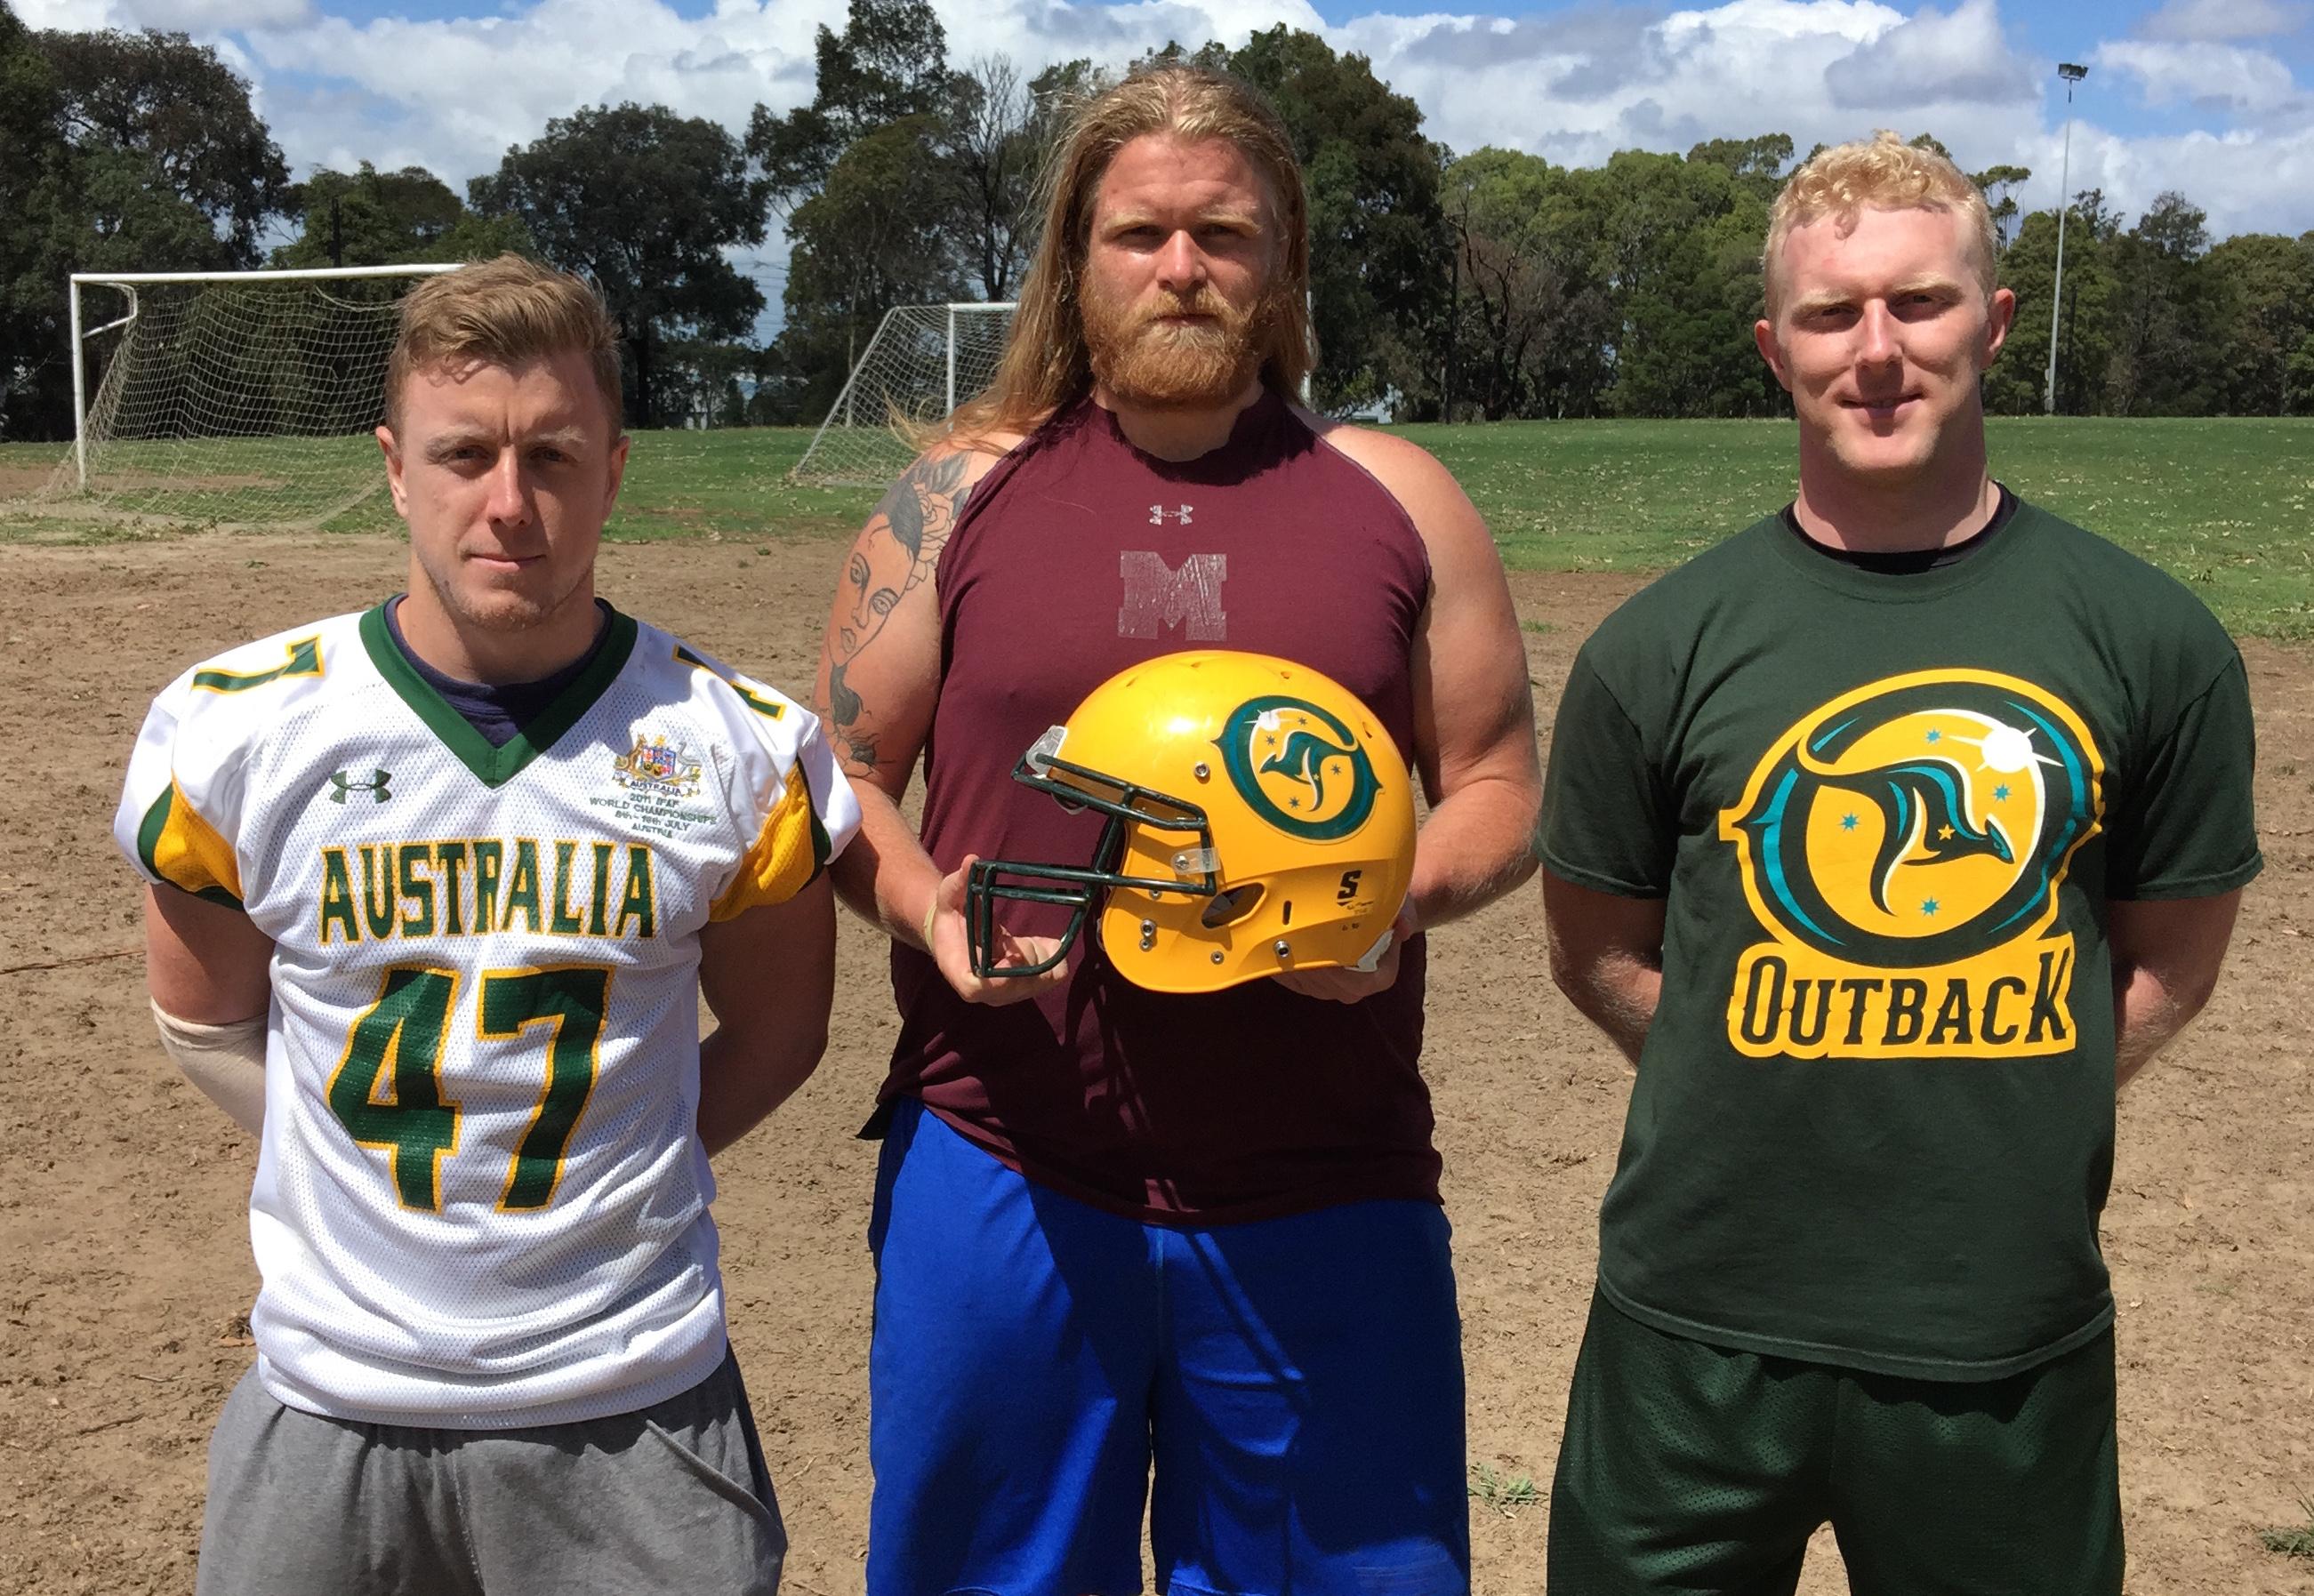 Warriors Scott Wolfe, Jon Tostevin & Luke Jackson will be playing for the Australian Outback National Team